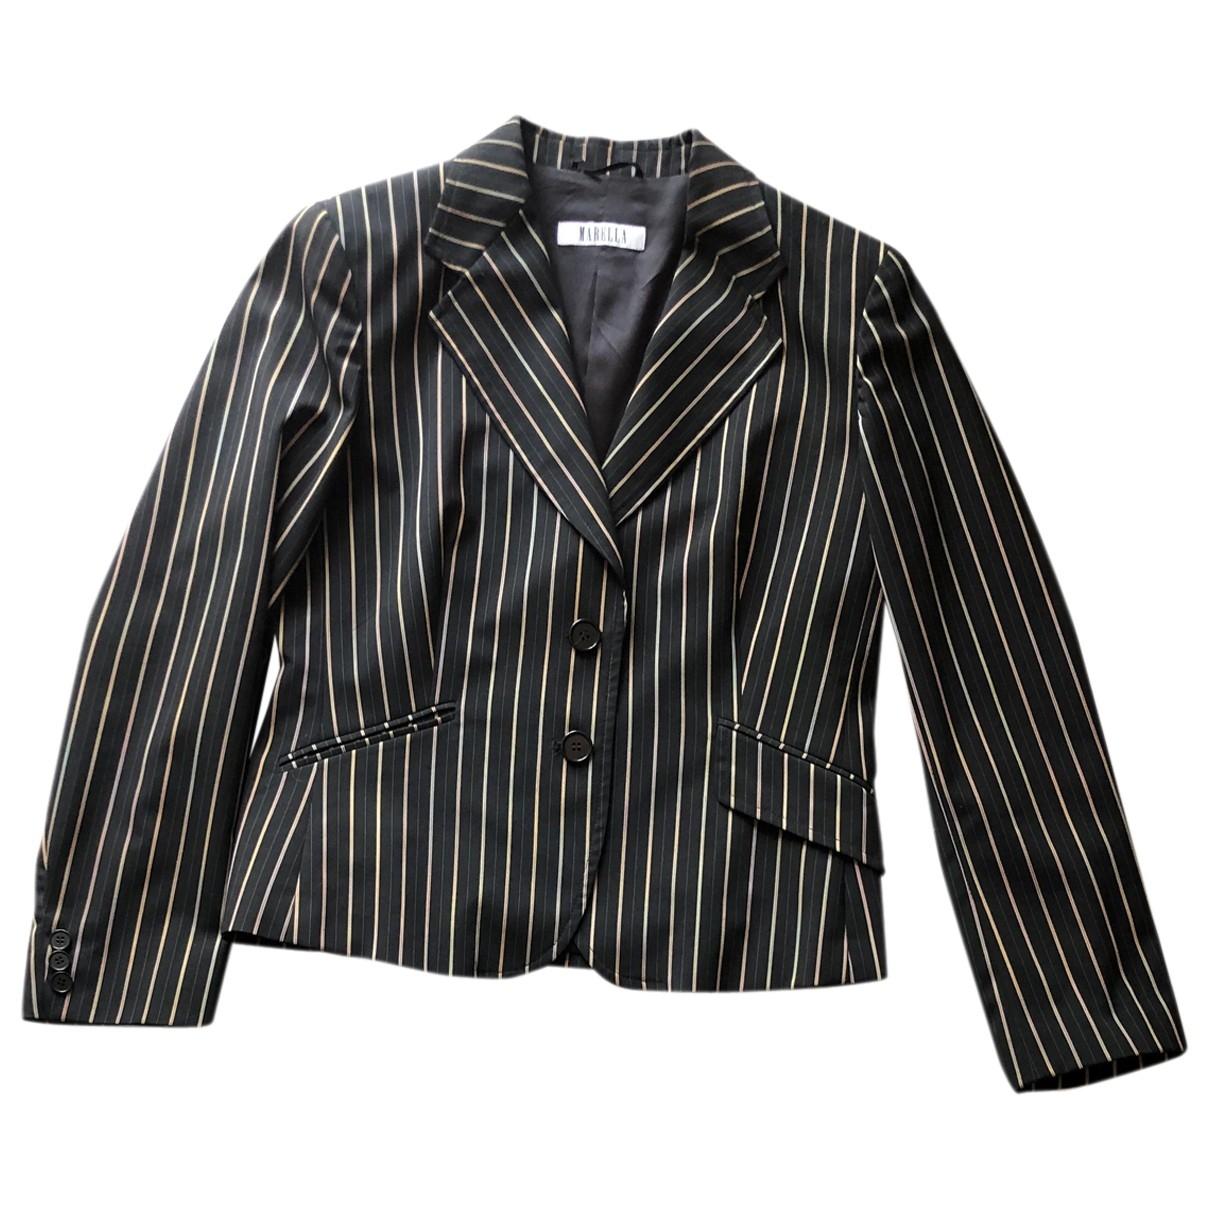 Marella \N Black jacket for Women 46 IT